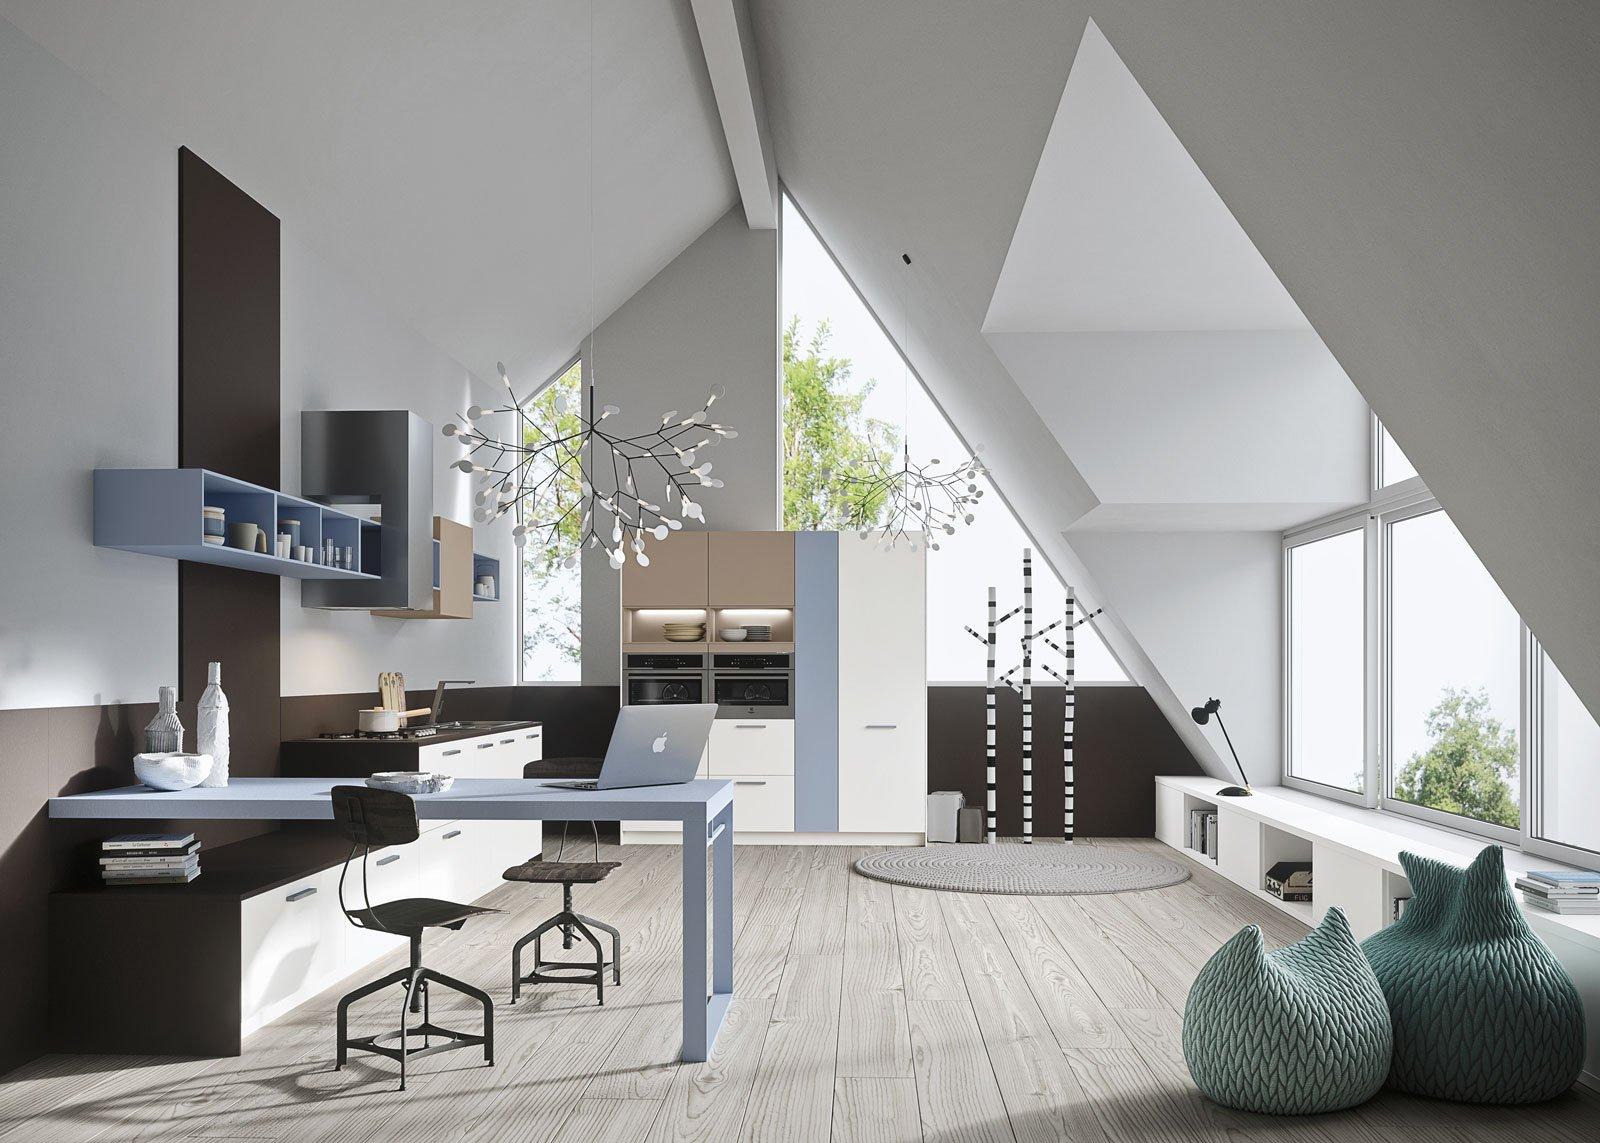 Cucine piccole composizioni compatte anche per il for Arredamento soggiorno moderno